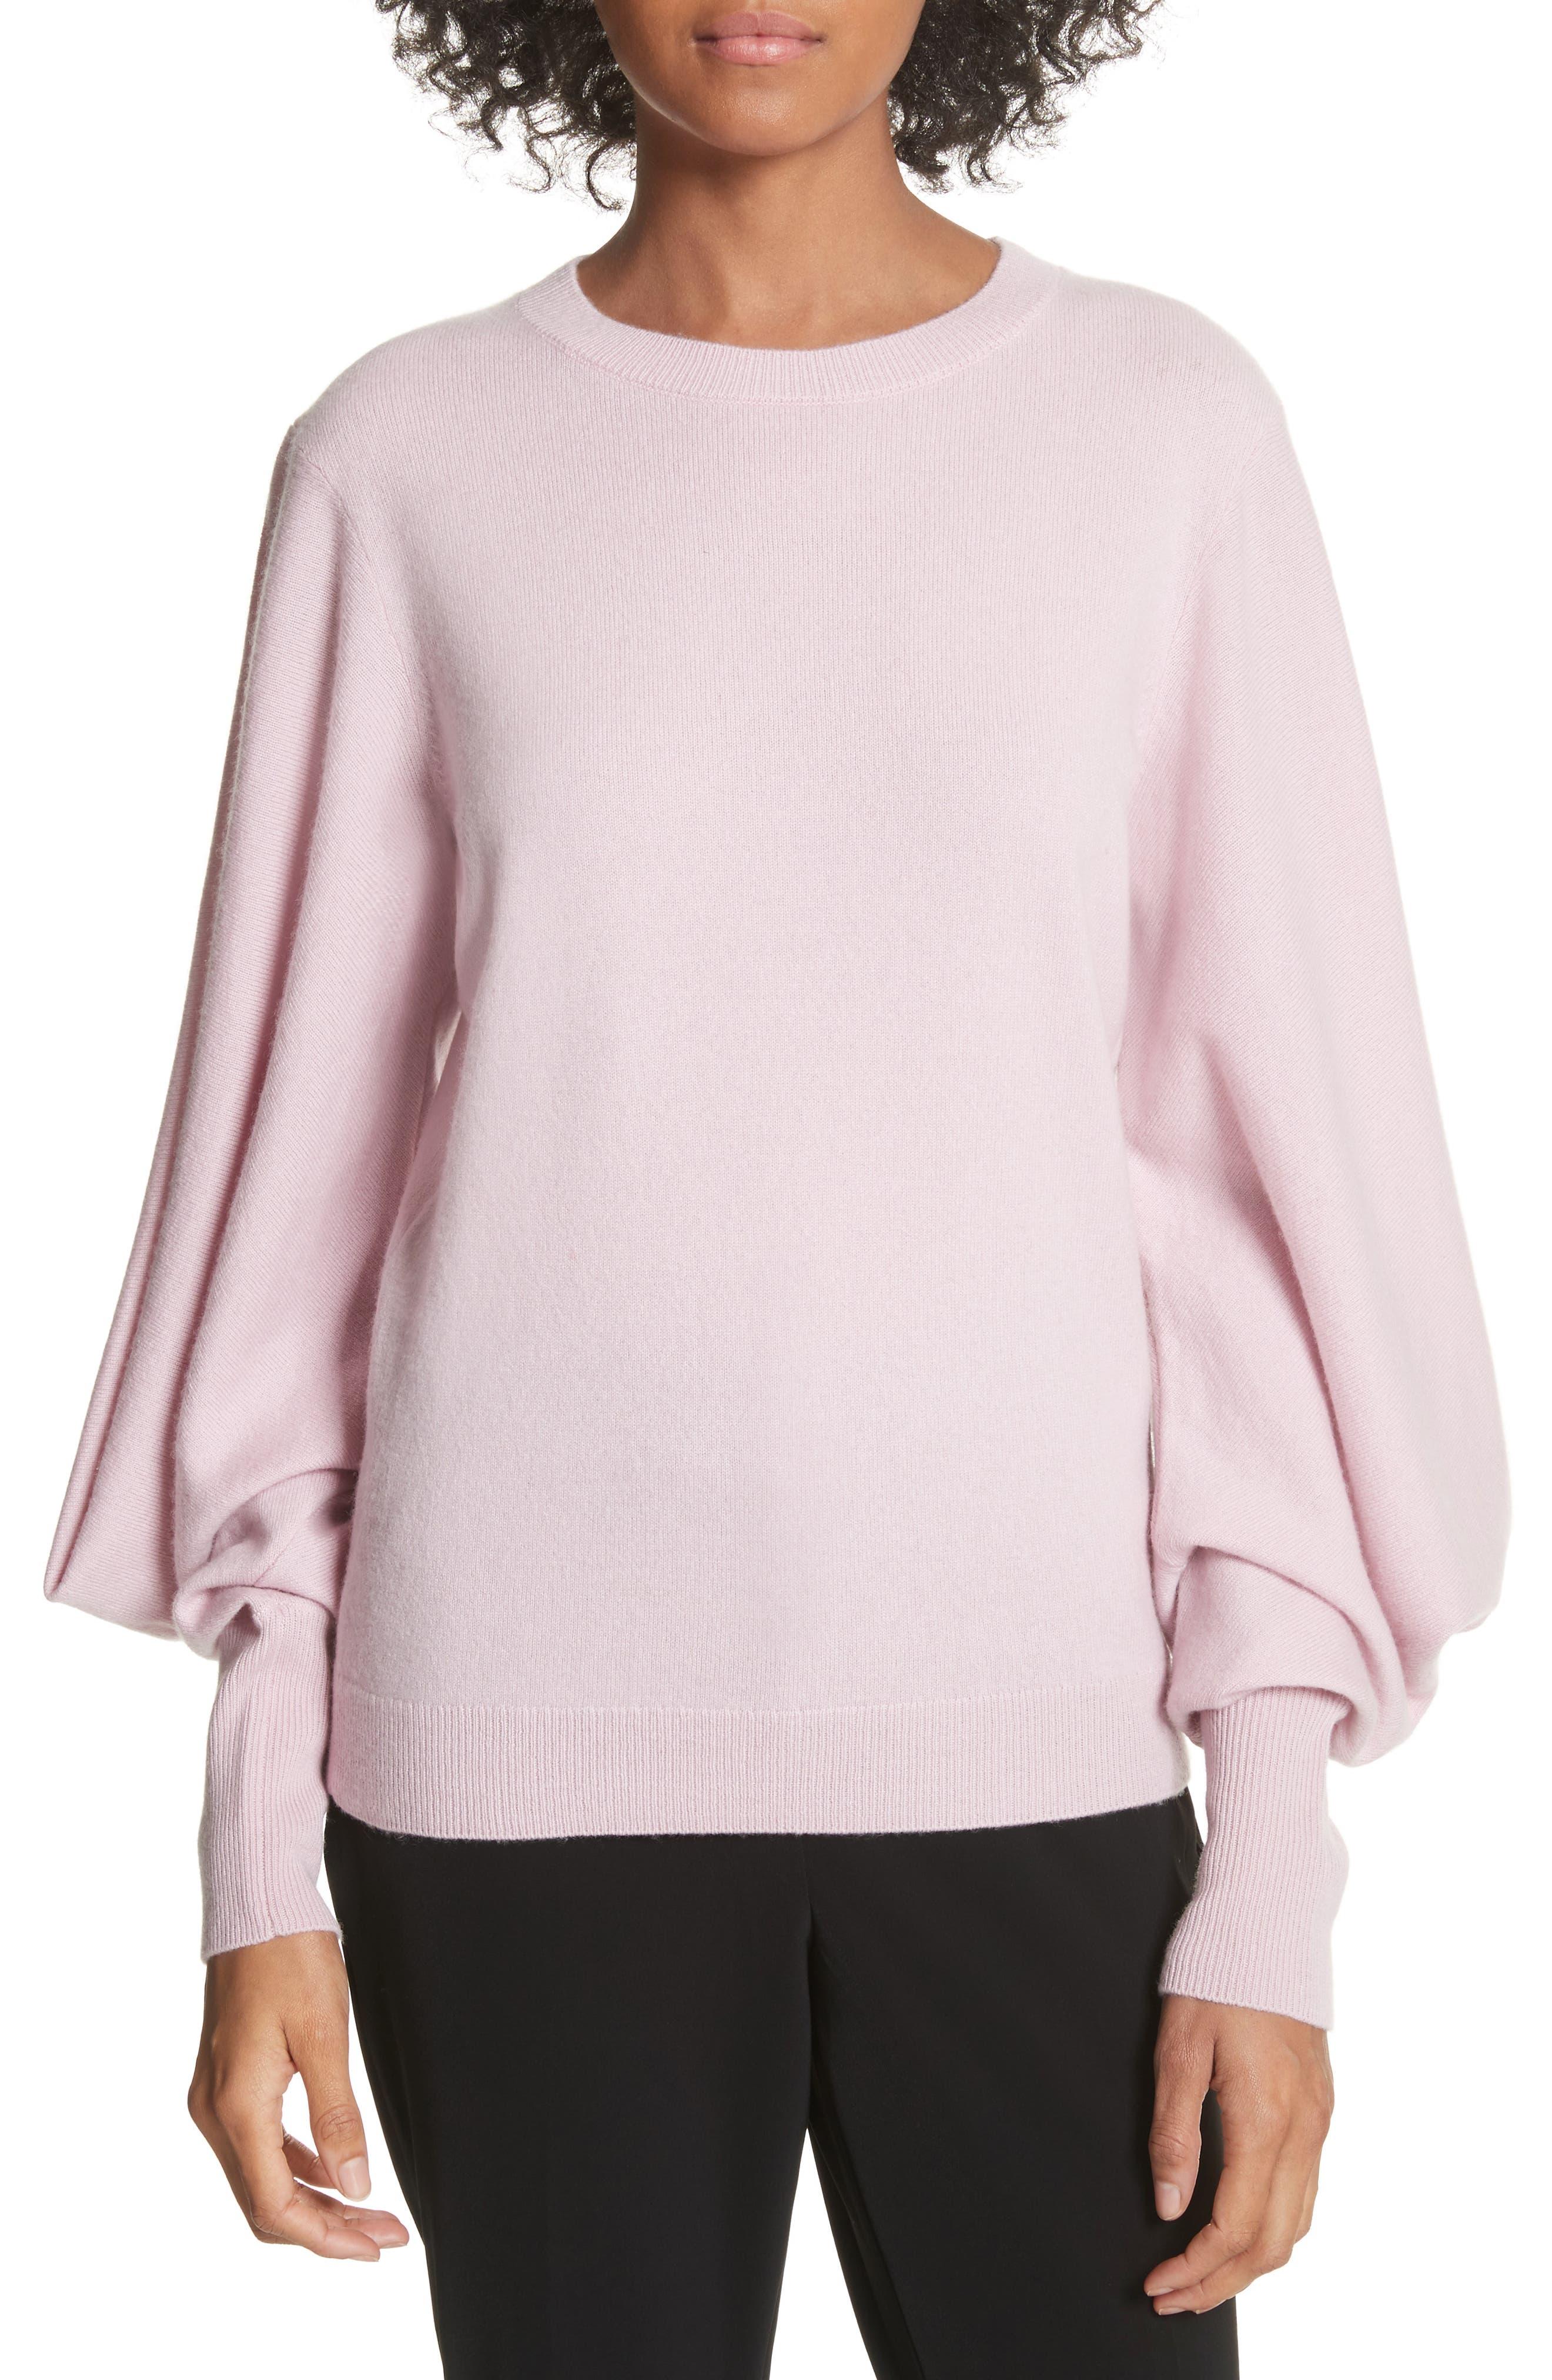 Fluri Cashmere Sweater,                         Main,                         color, Light Pink